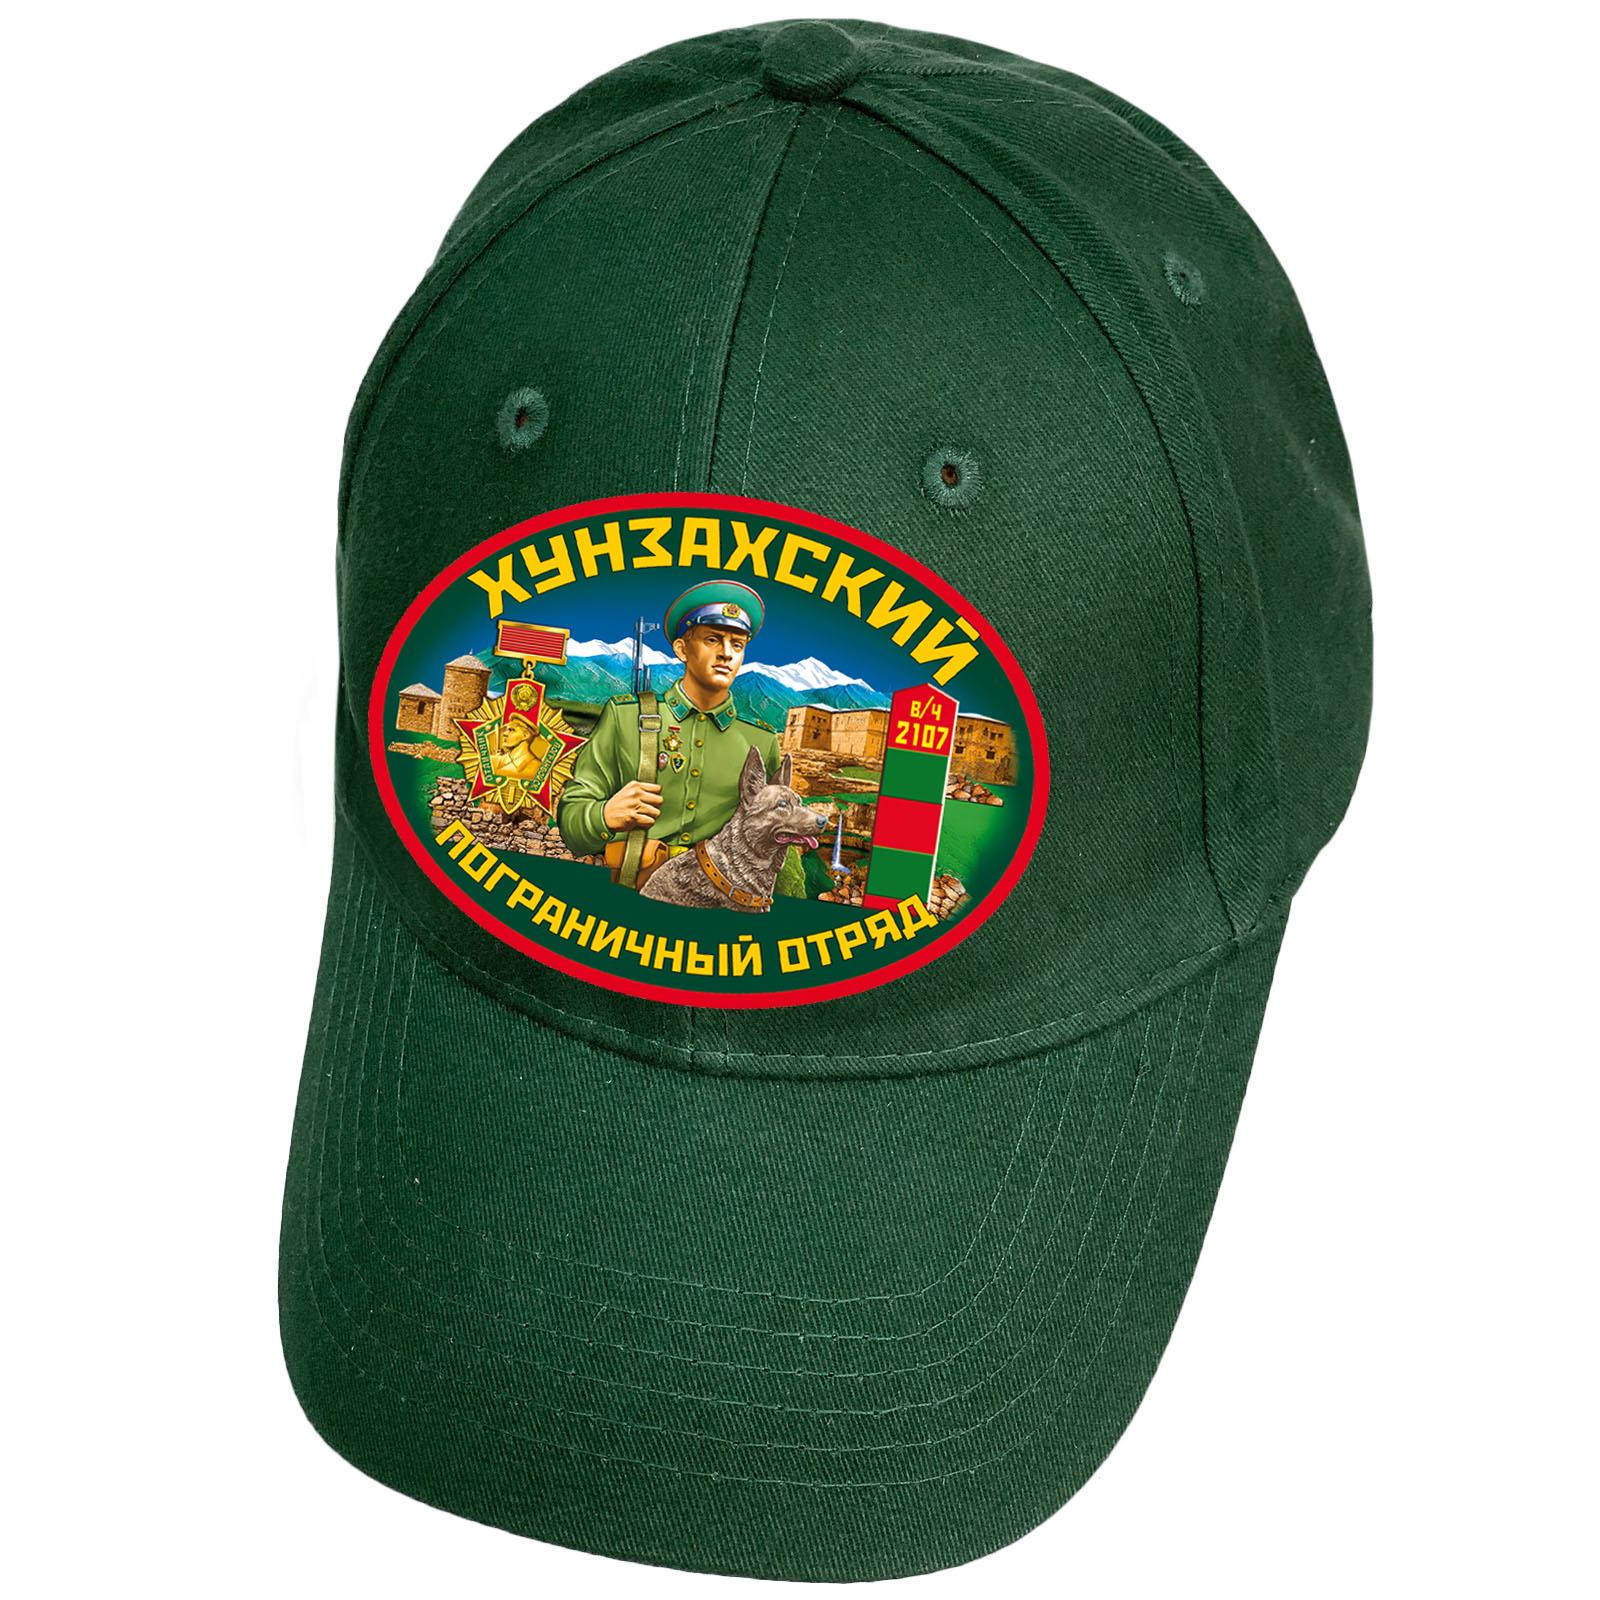 Тёмно-зелёная кепка Хунзахский пограничный отряд